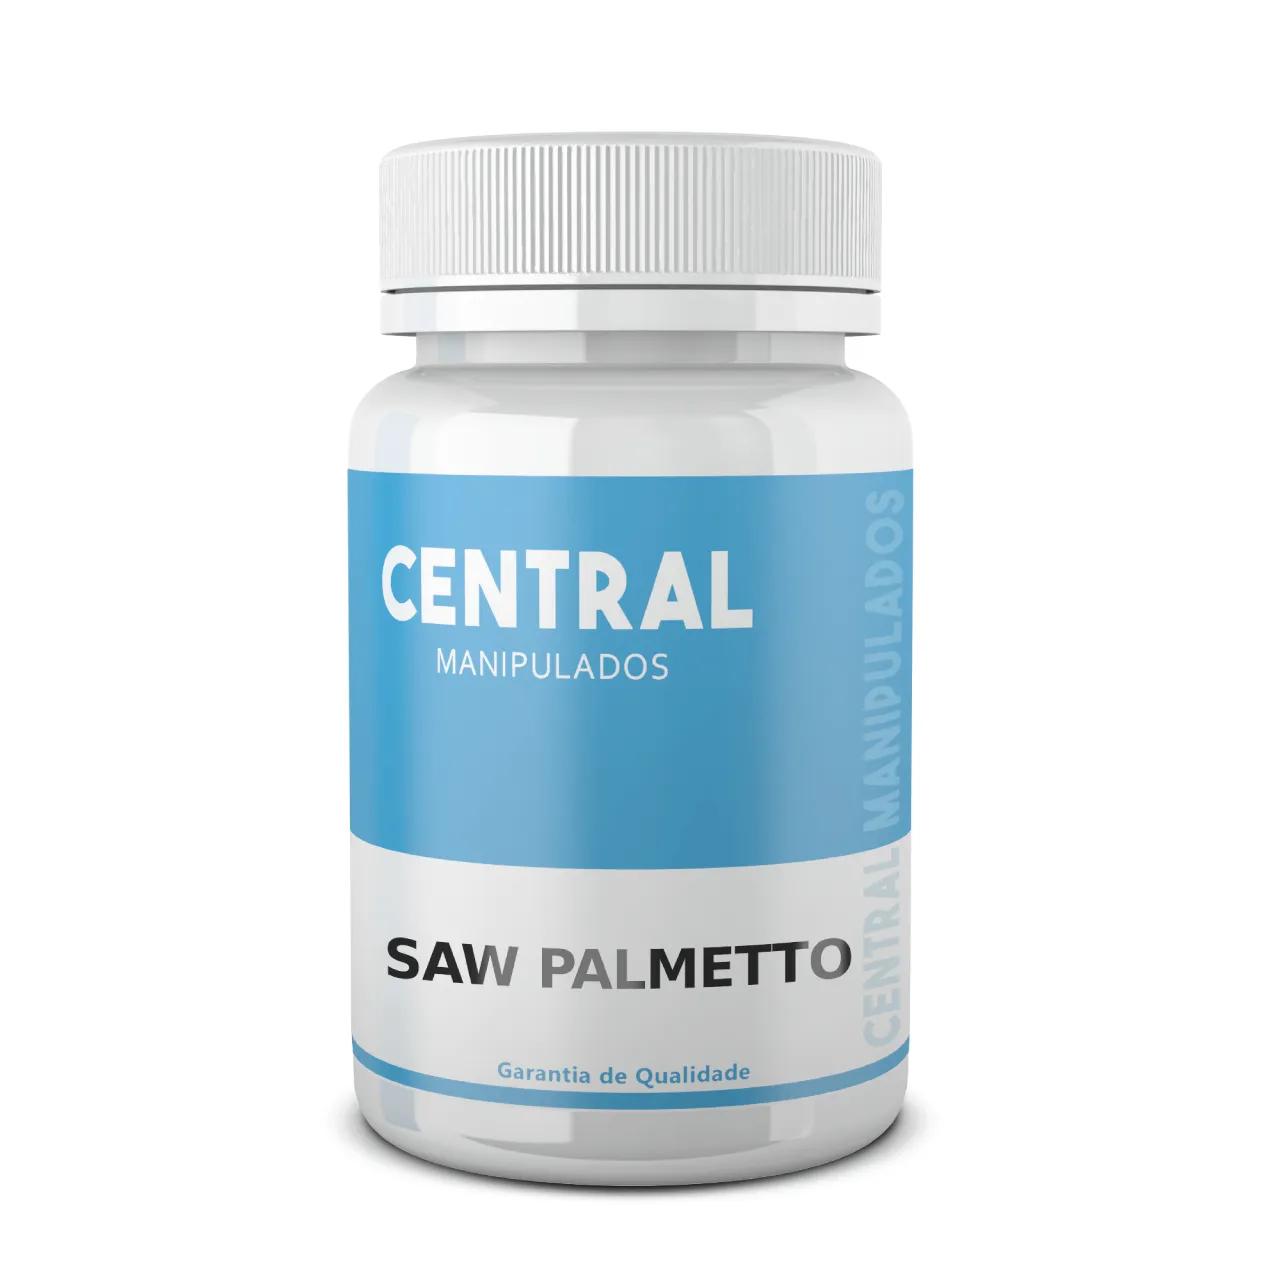 Saw Palmetto 200mg - 120 Cápsulas - Prevenção de doenças da Próstata, Hiperplasia Benigna de Próstata (HPB), Desordem dos sistemas urinário e genital